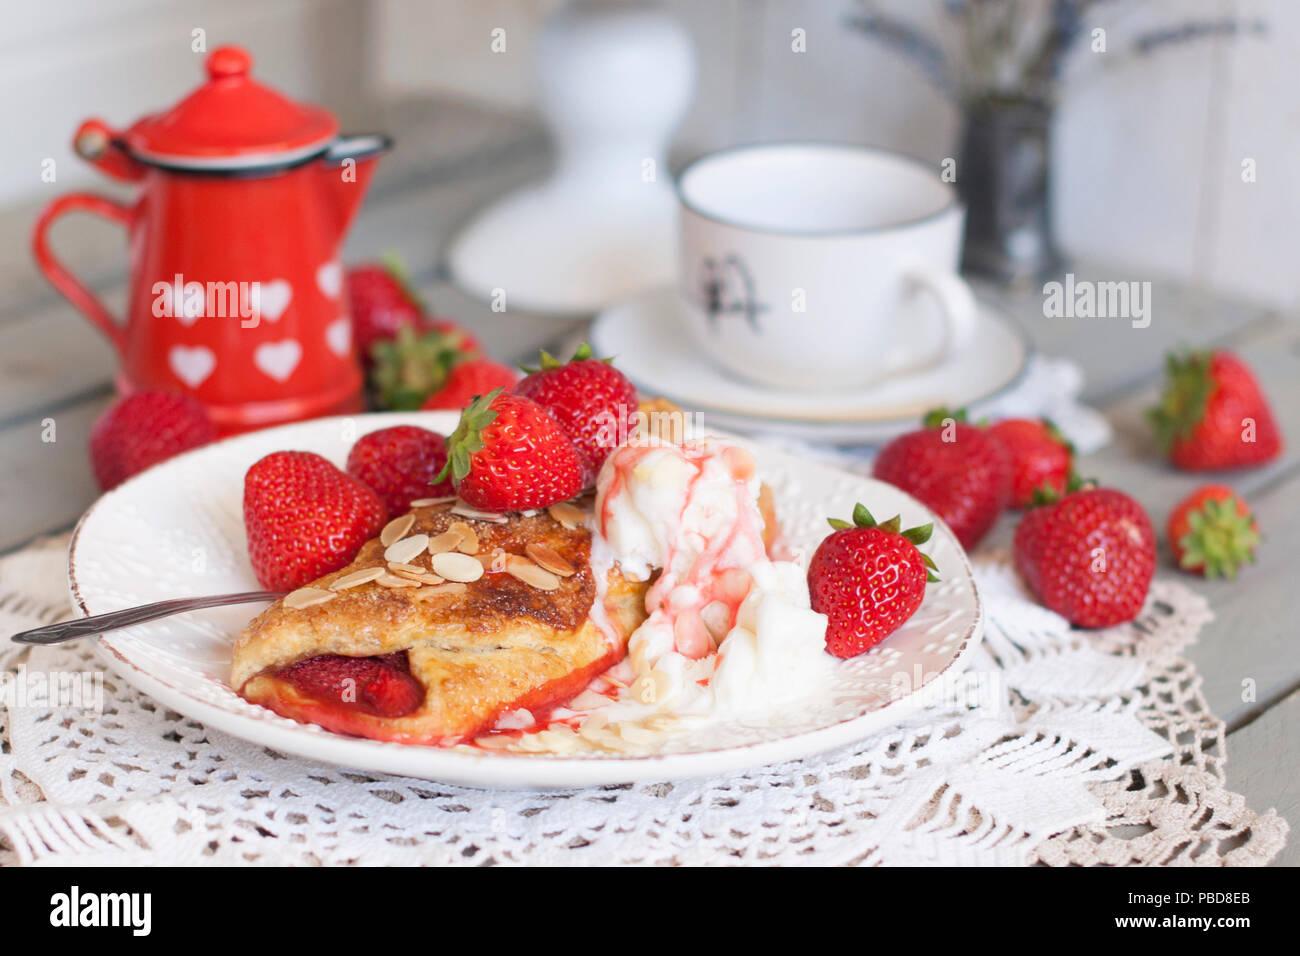 Dulce repostería casera para el desayuno. Con Relleno de fresa y helados. El café de la mañana. Rojo jarra con leche. lechero. Una taza de té. El desayuno de la familia. Fotografía en colores blancos Imagen De Stock